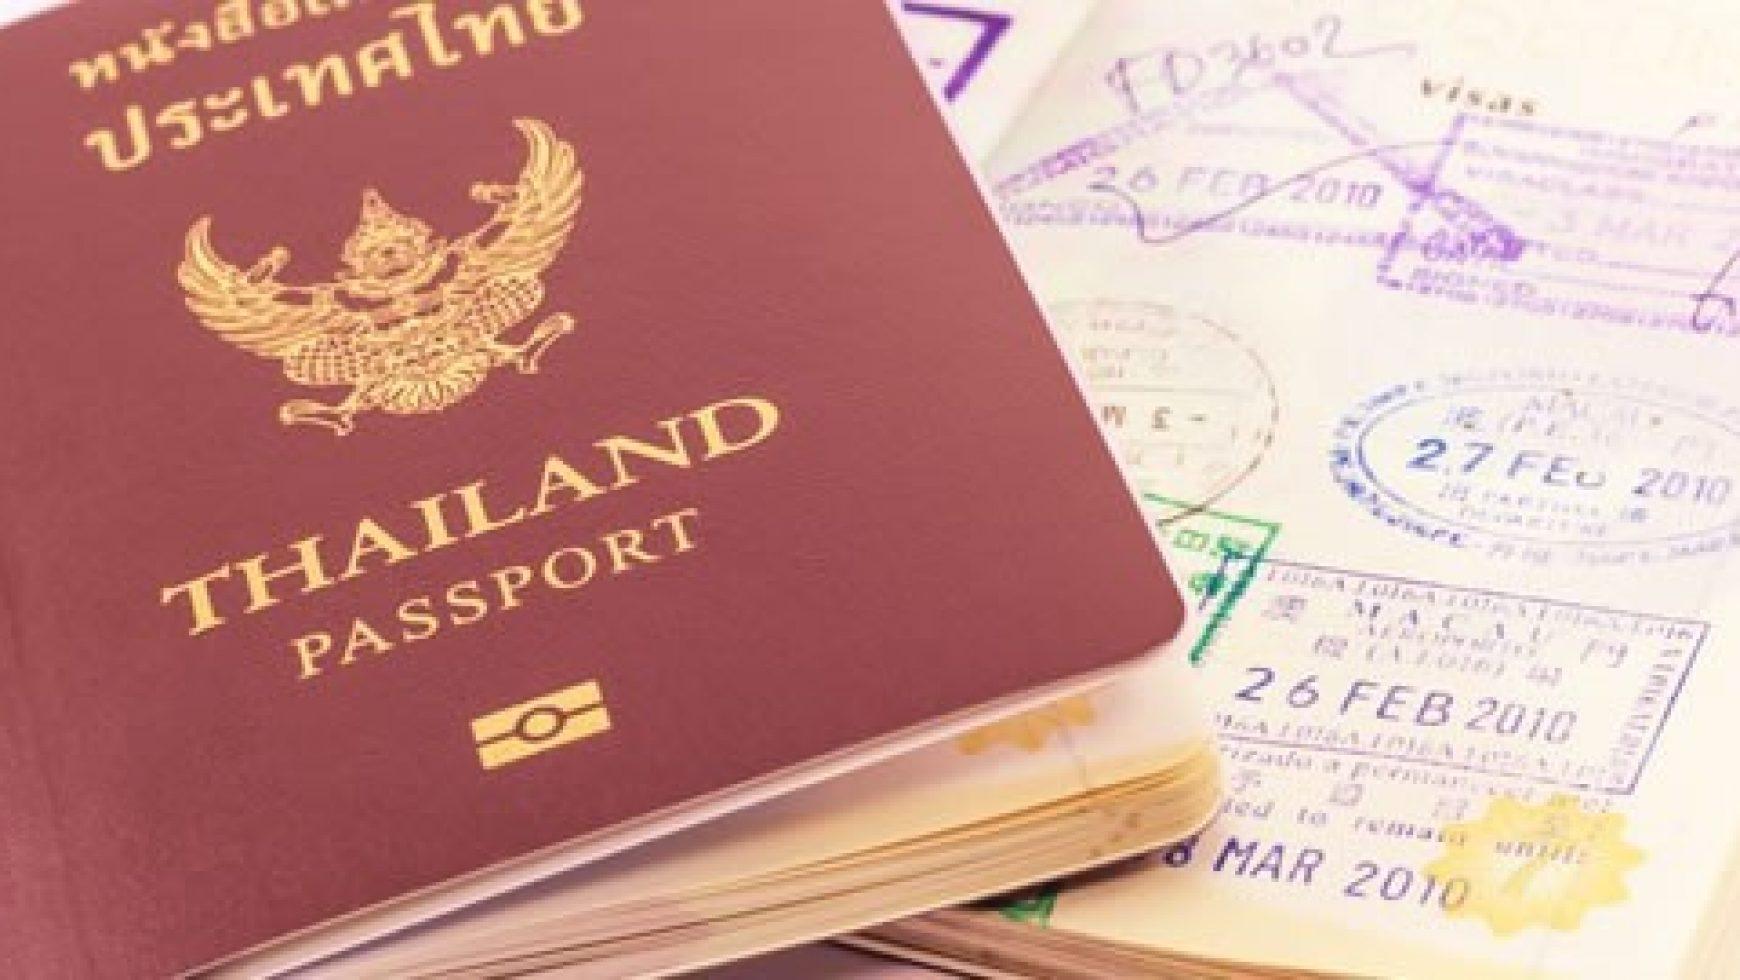 泰国最新签证政策,另附泰国入境防疫措施。